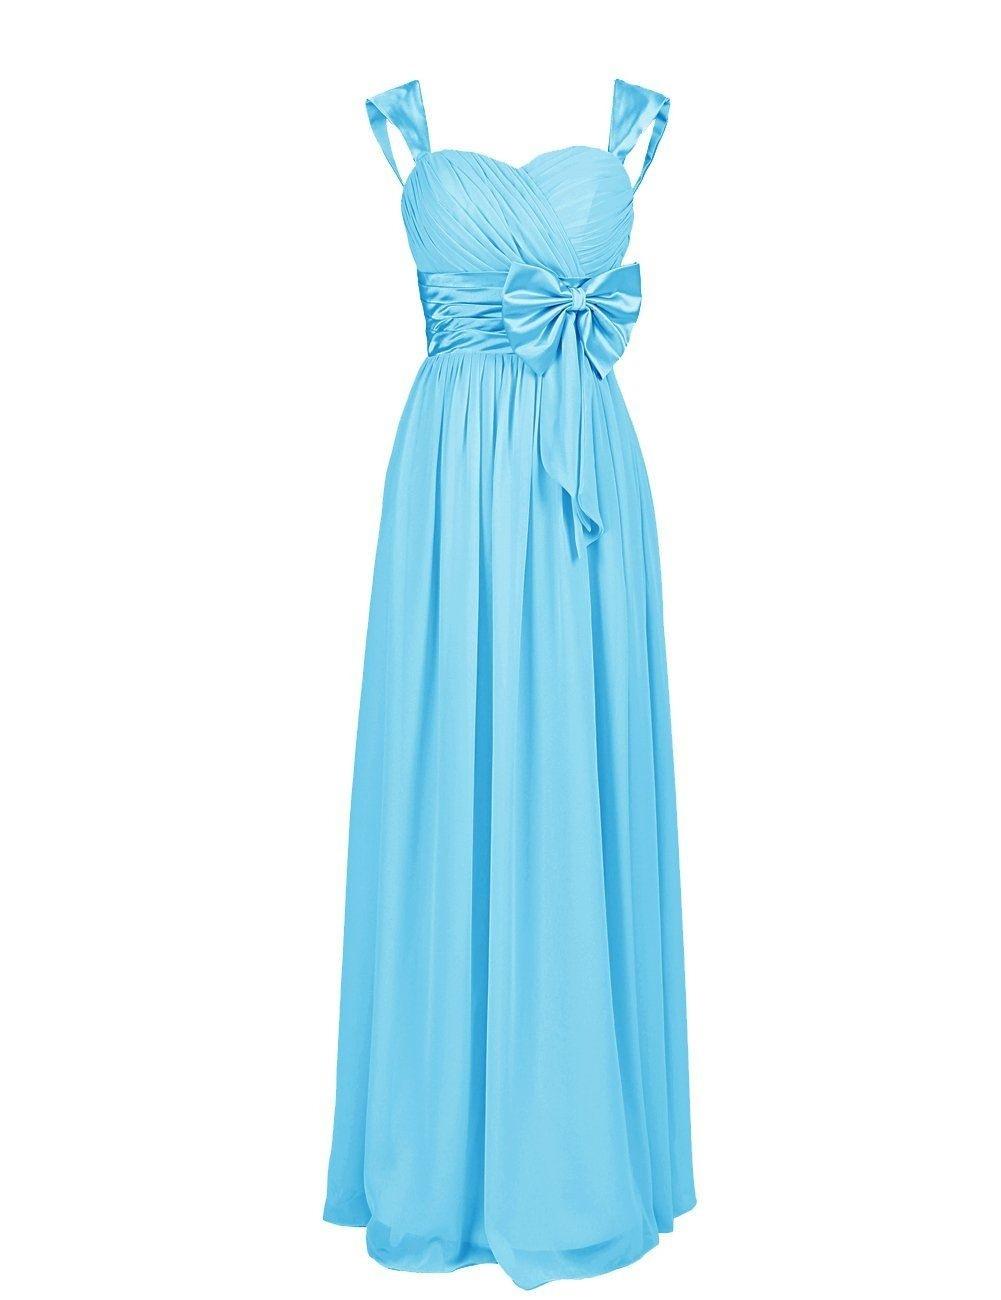 13 Wunderbar Abendkleid Zalando Lang Ärmel15 Top Abendkleid Zalando Lang Ärmel